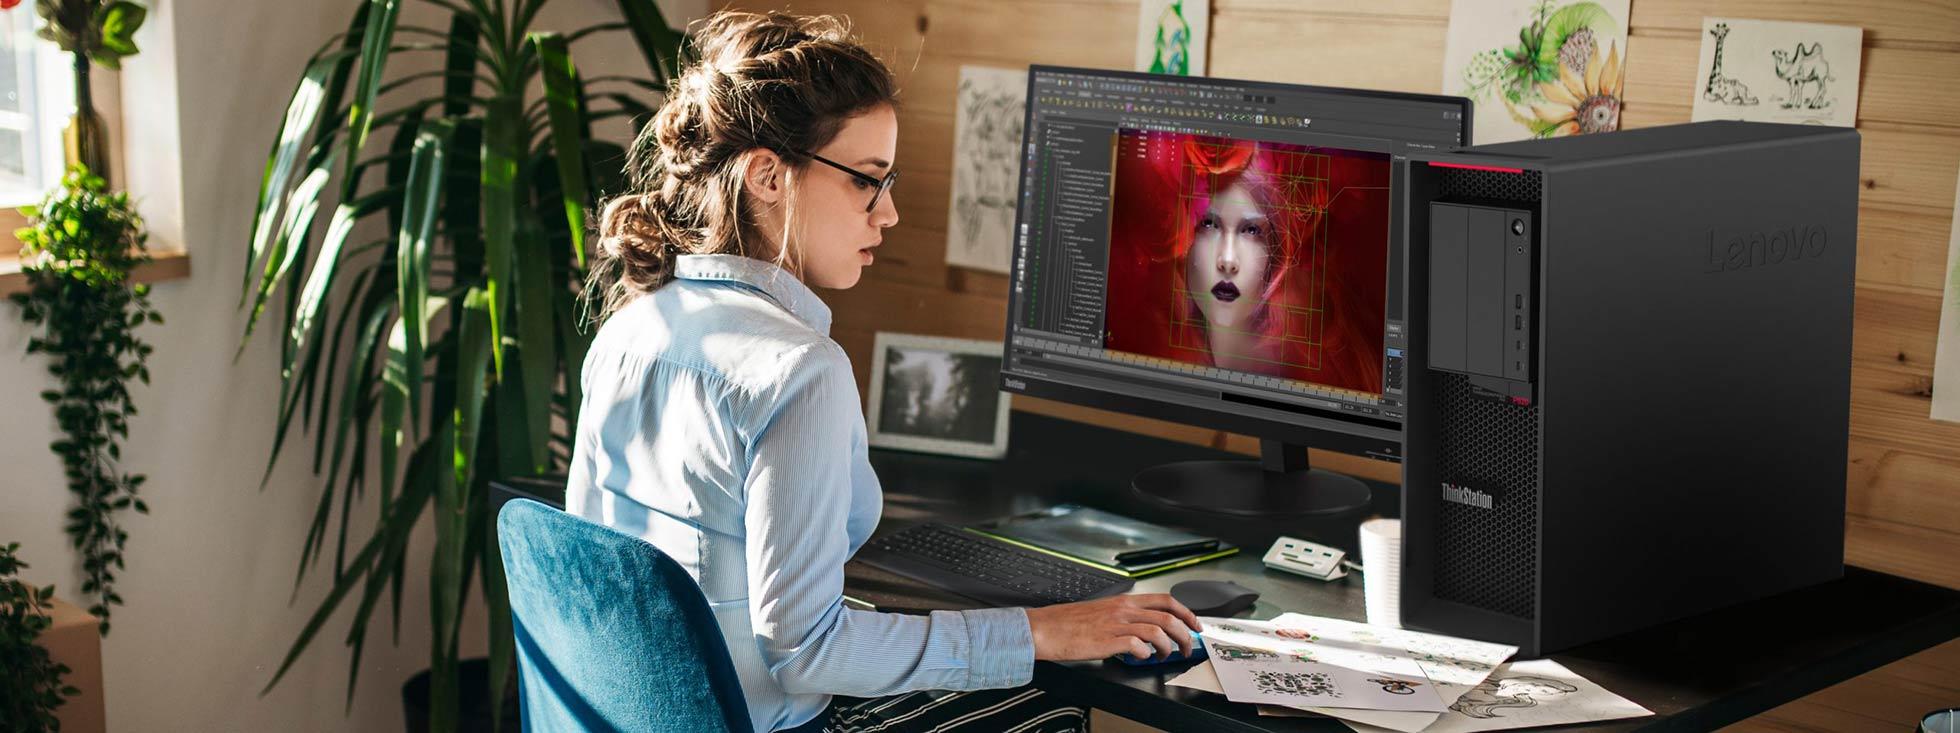 کیس جدید لنوو ThinkStation P620 به کاربران امکان برخورداری از جدیدترین تکنوژی سال 2020 را میدهد